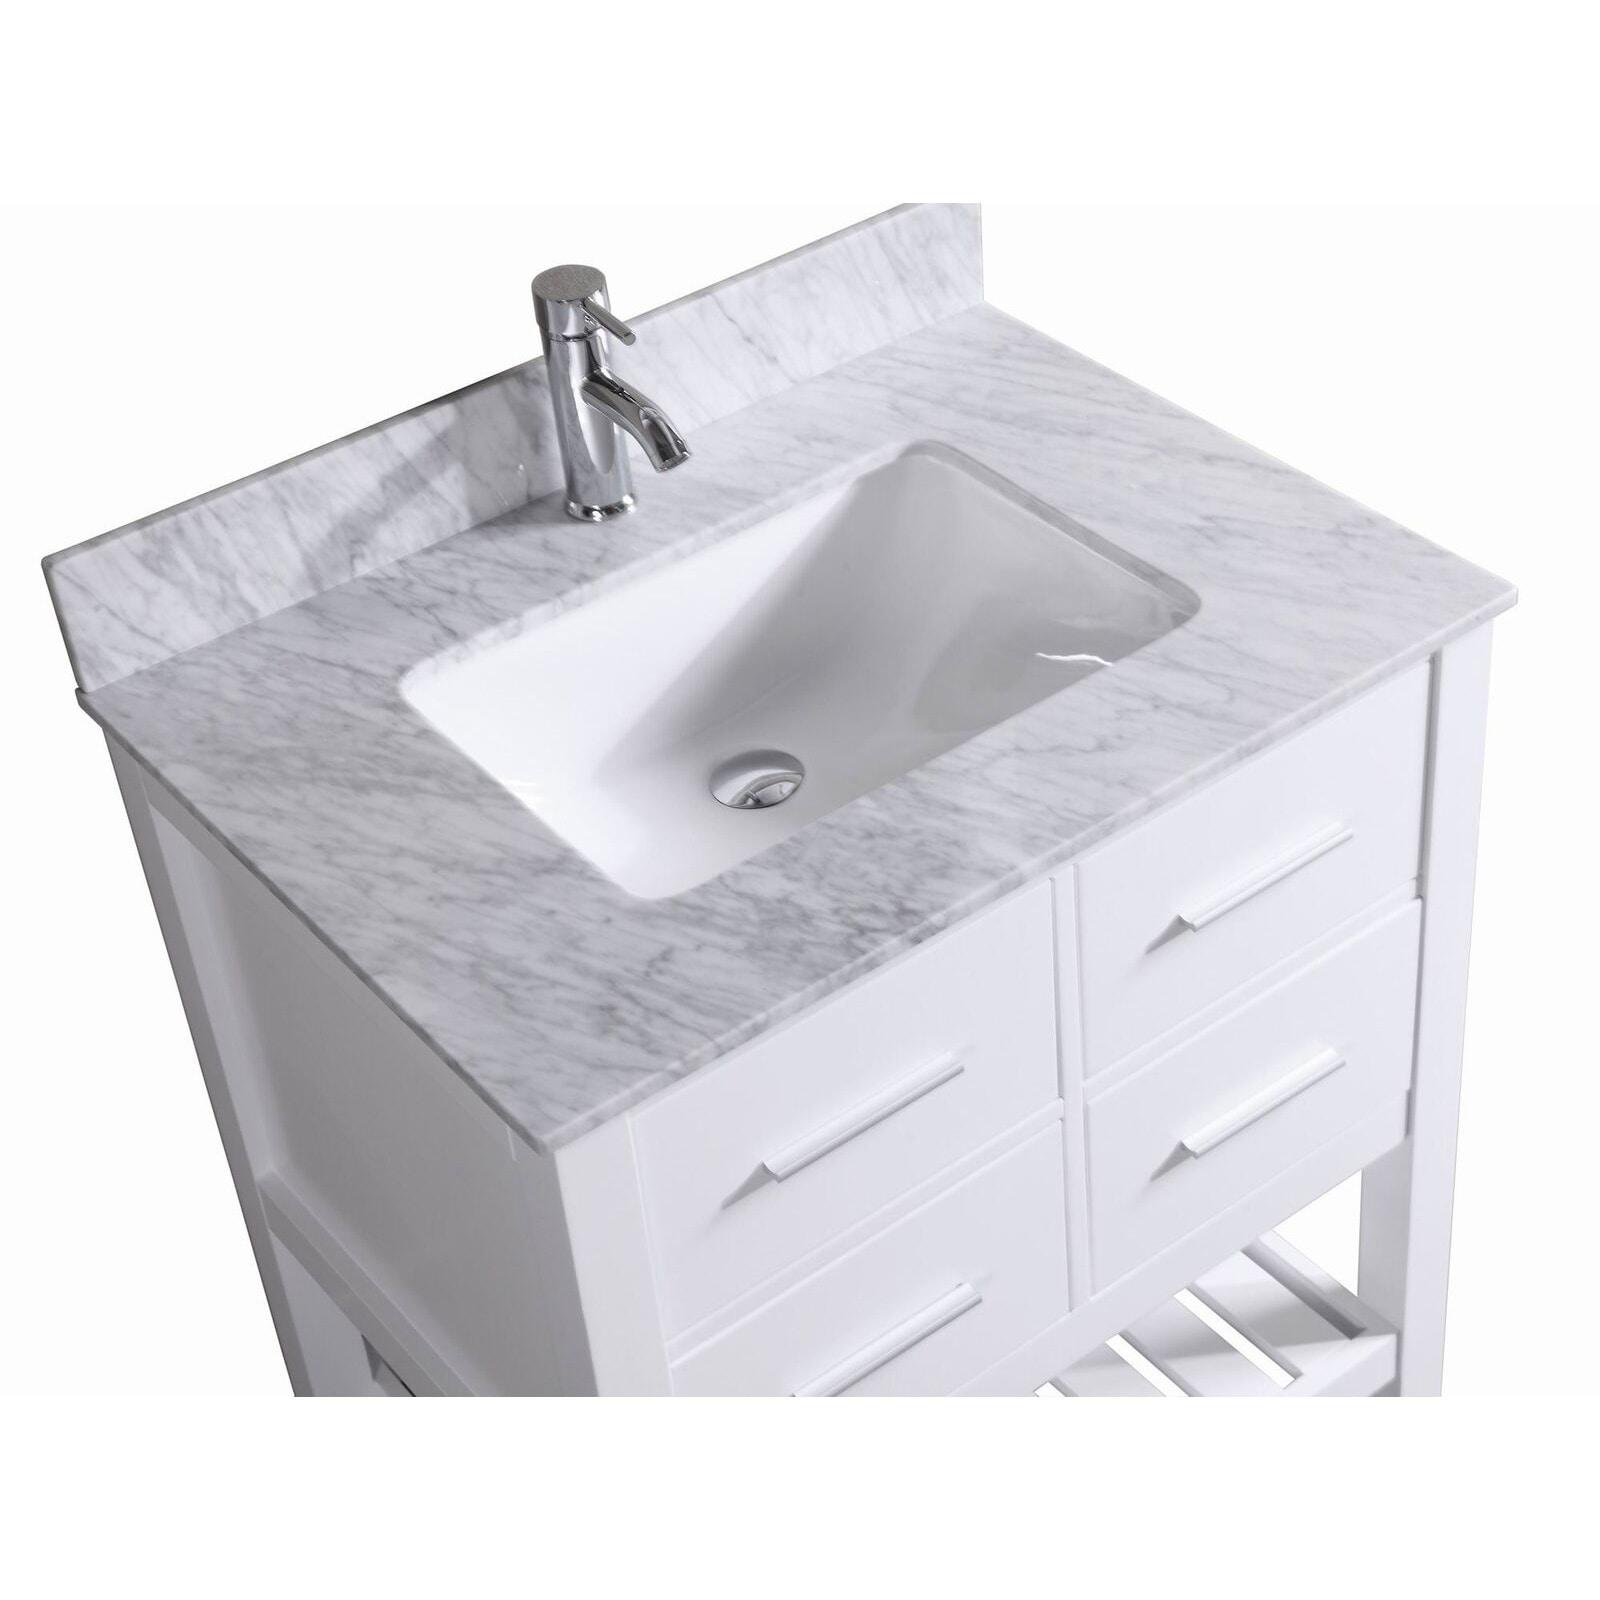 30 Inch Belvedere Bathroom Vanity With Marble Top